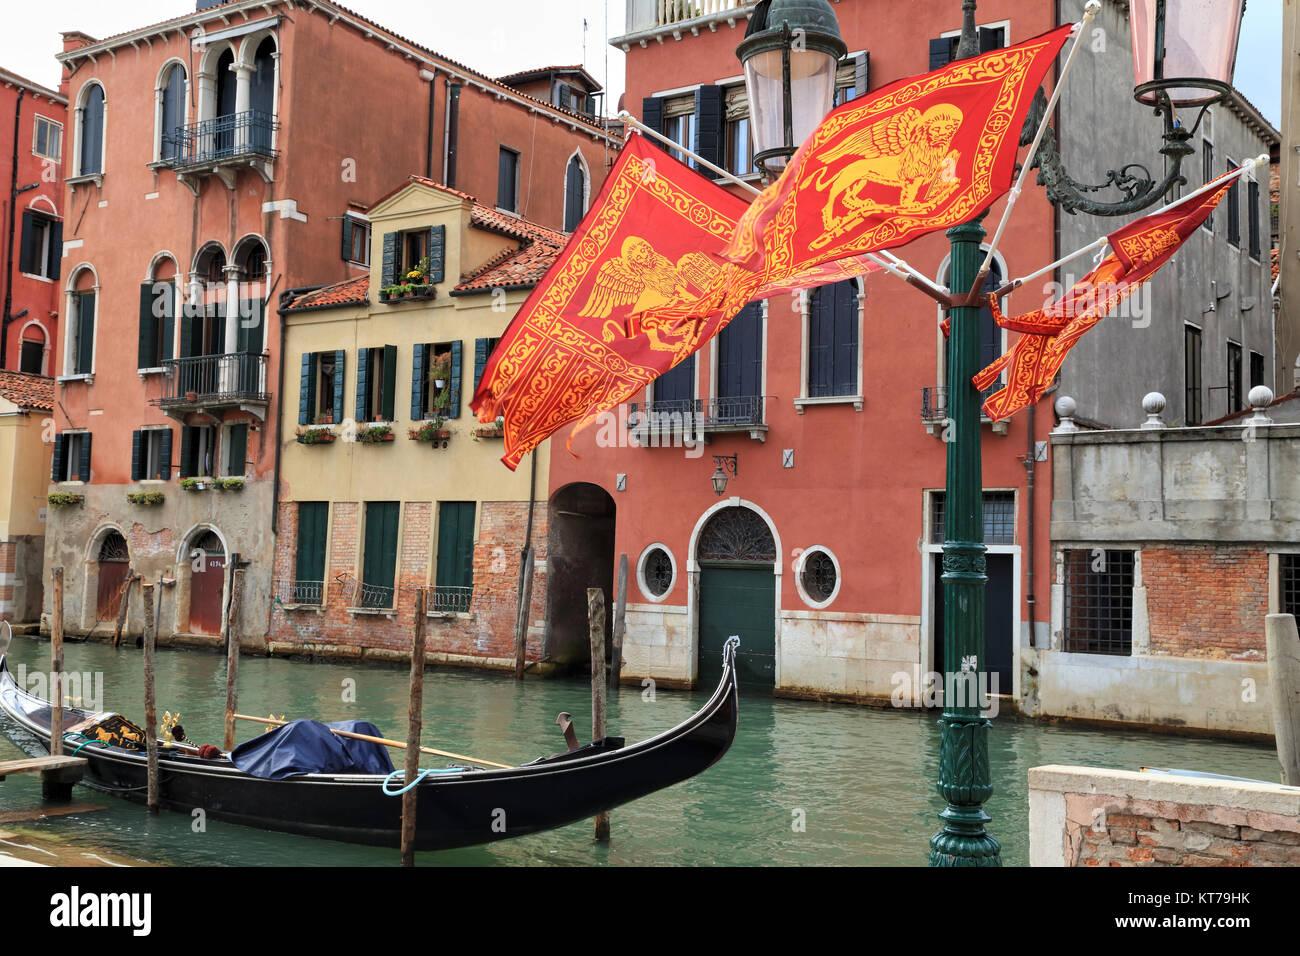 Bandiere veneziano Foto Stock